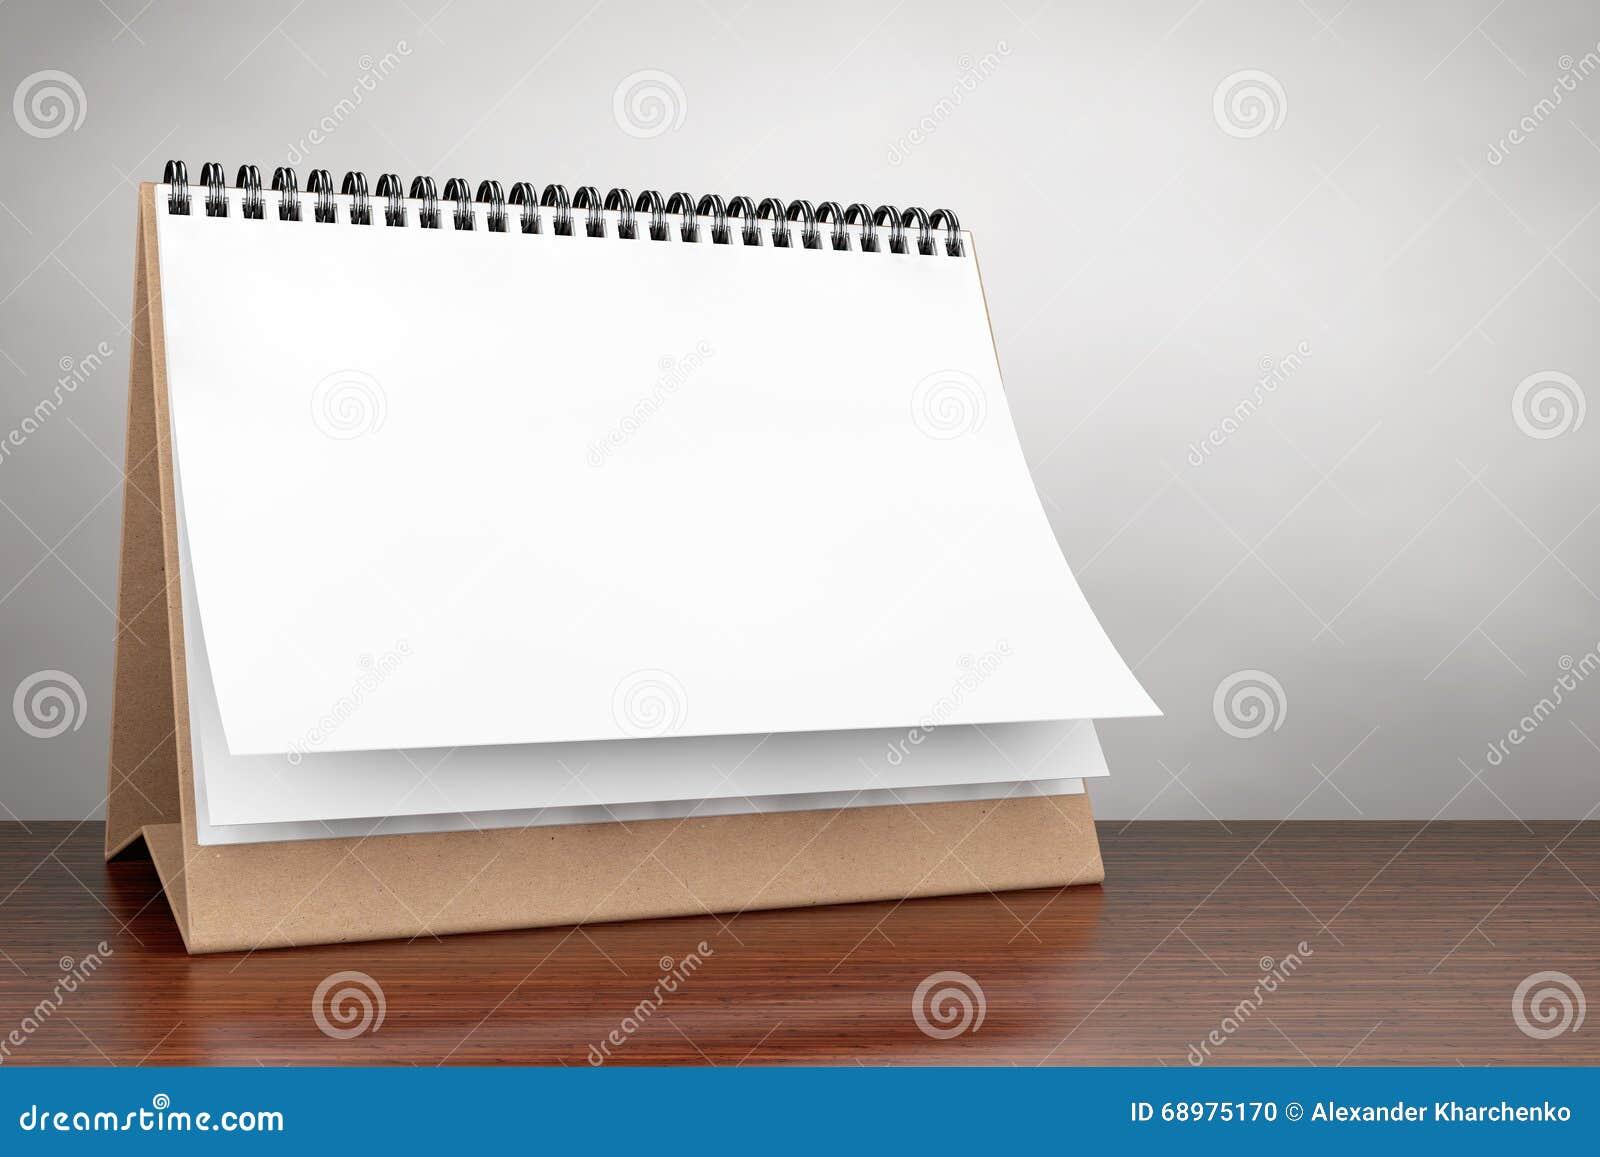 Foto do estilo velho Calendário da espiral da mesa do papel vazio